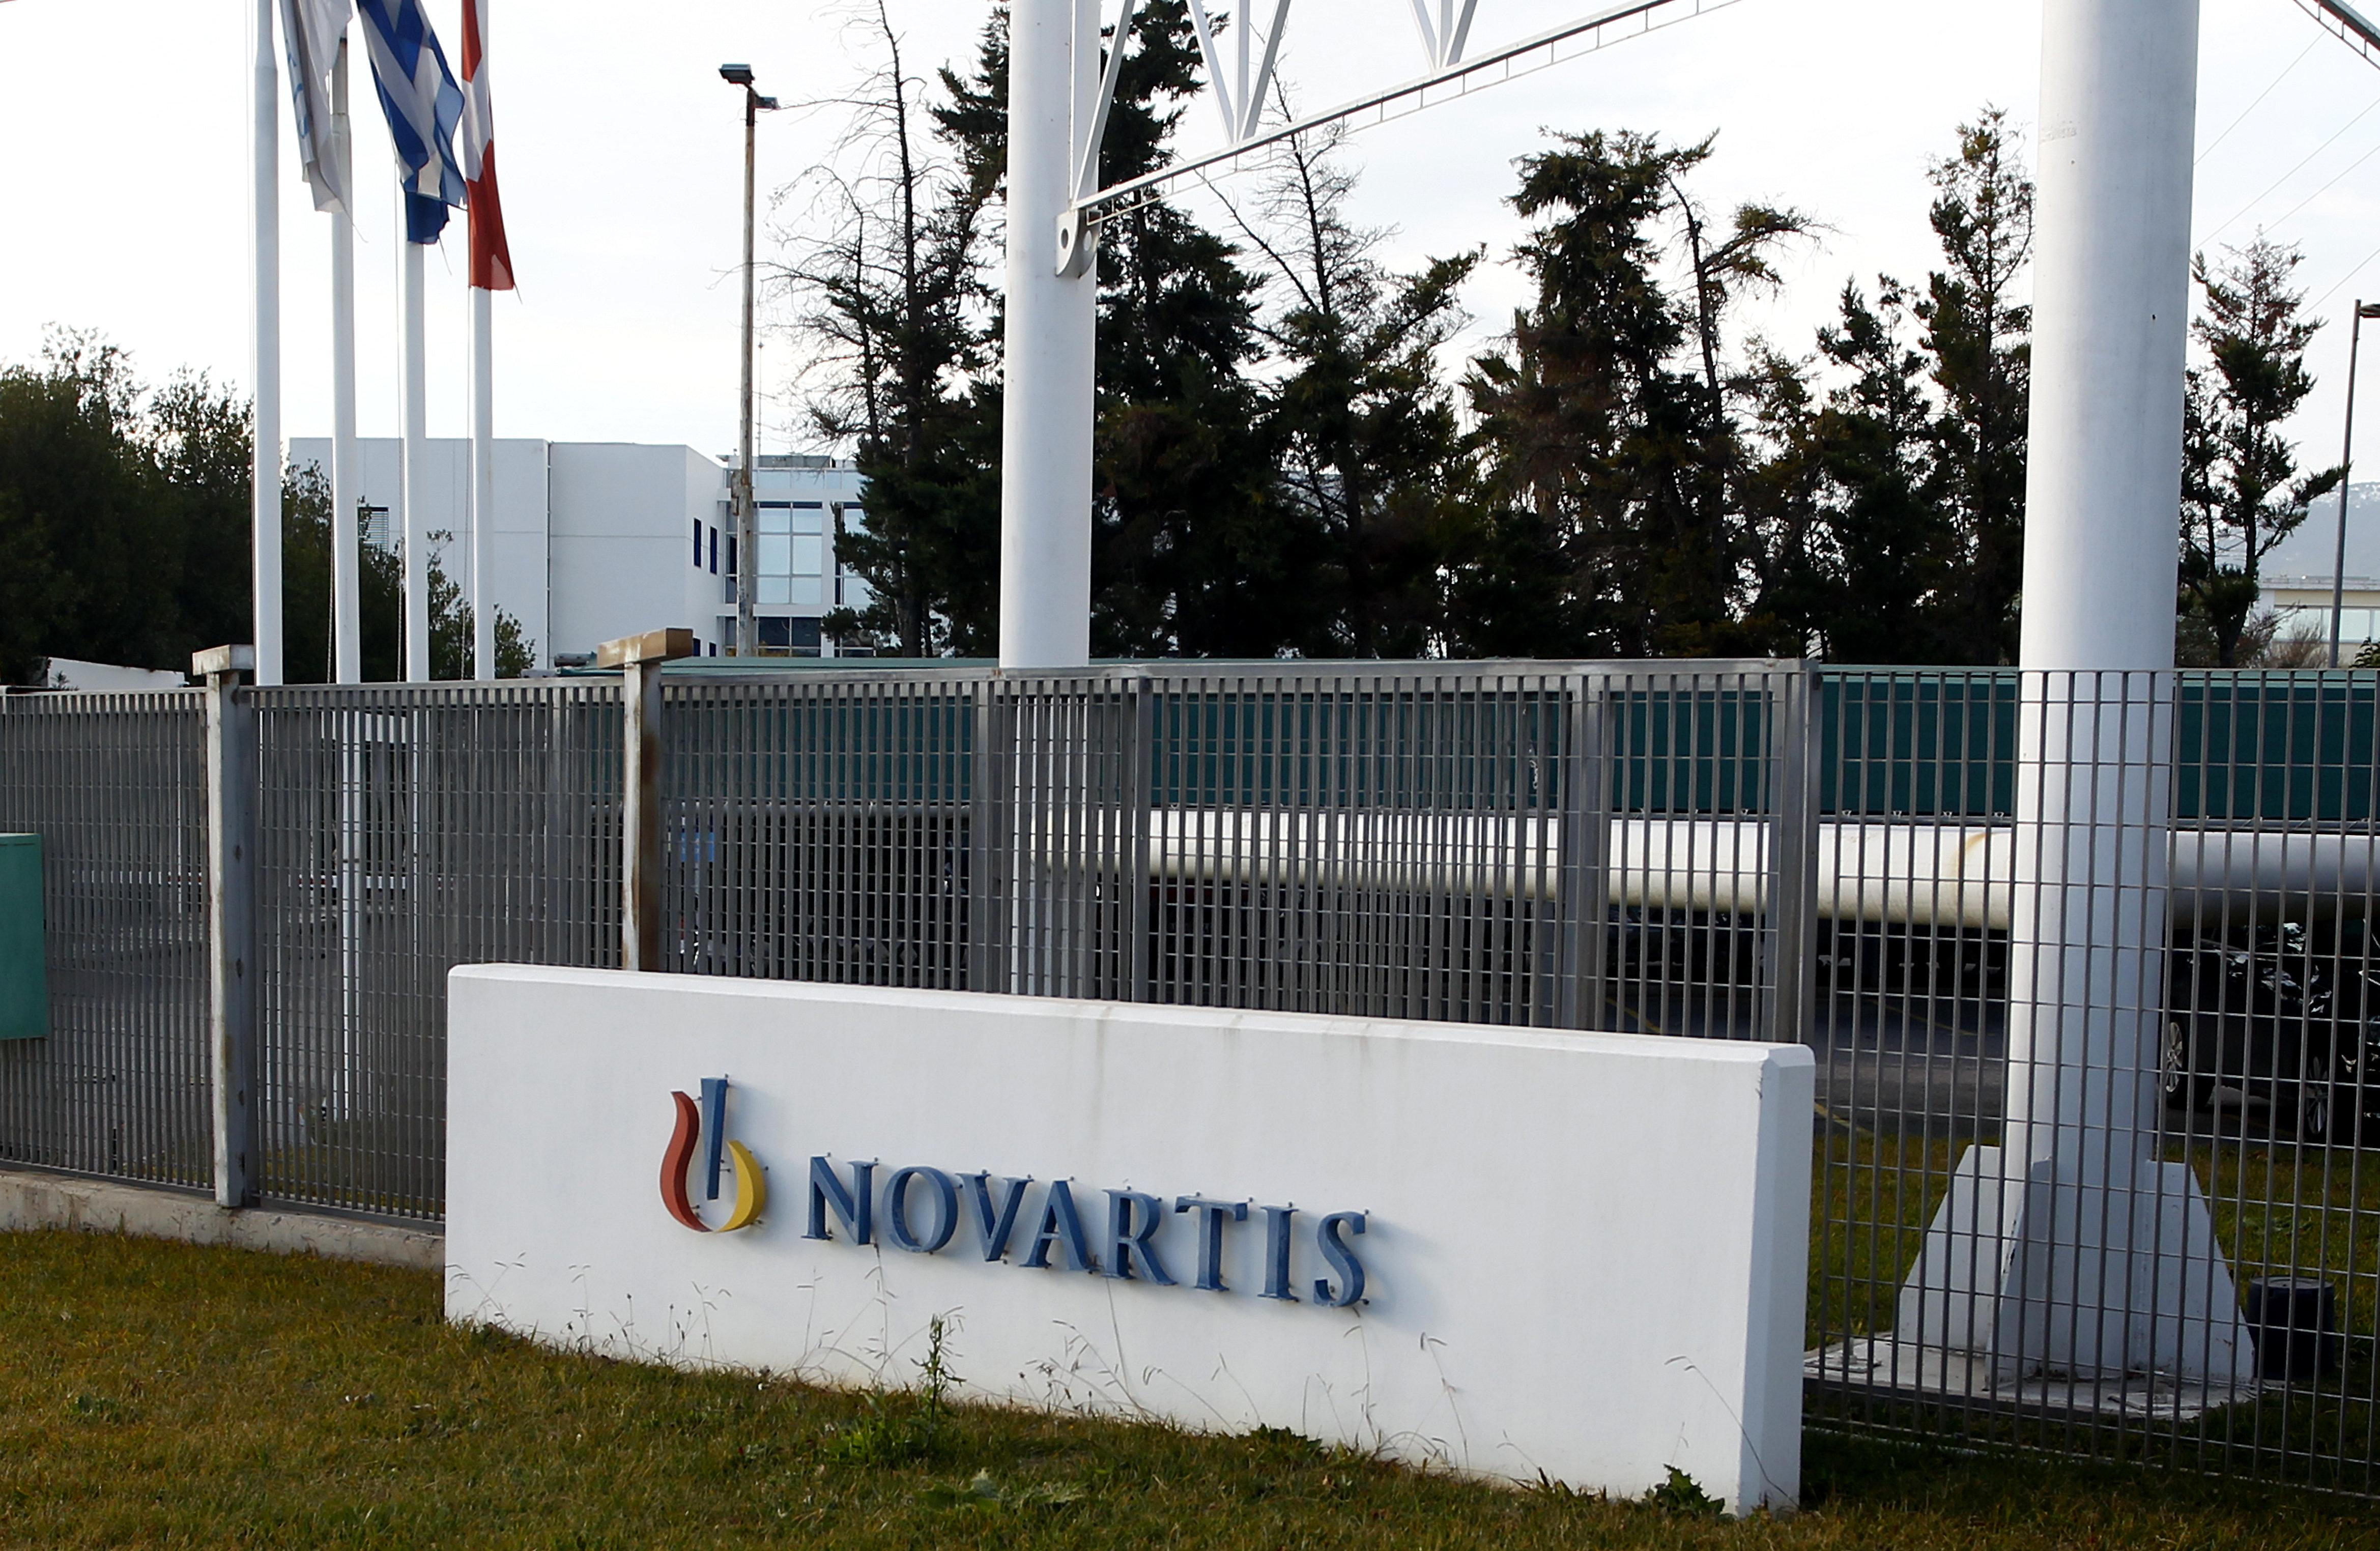 Υπόθεση Novartis: Τα πρώτα στοιχεία της δικογραφίας. Τι αναφέρουν οι τρεις προστατευόμενοι